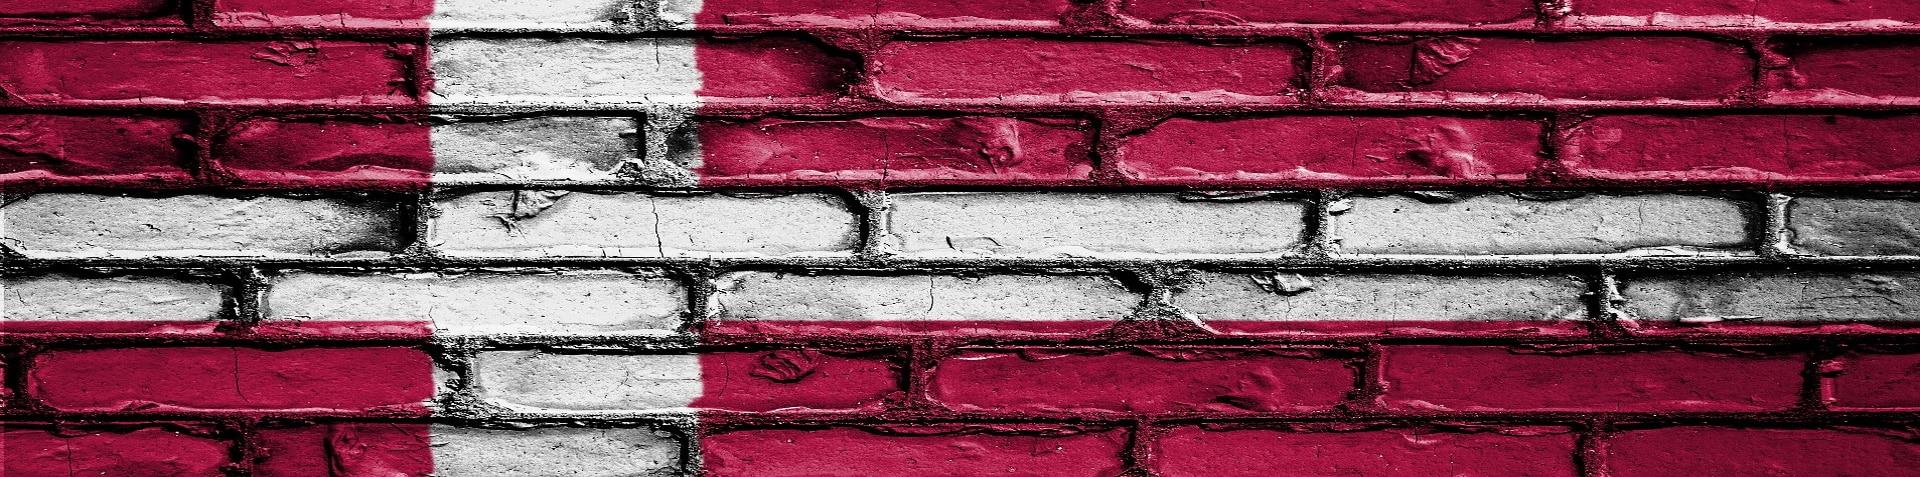 Dänemarkflagge auf Ziegelsteinen